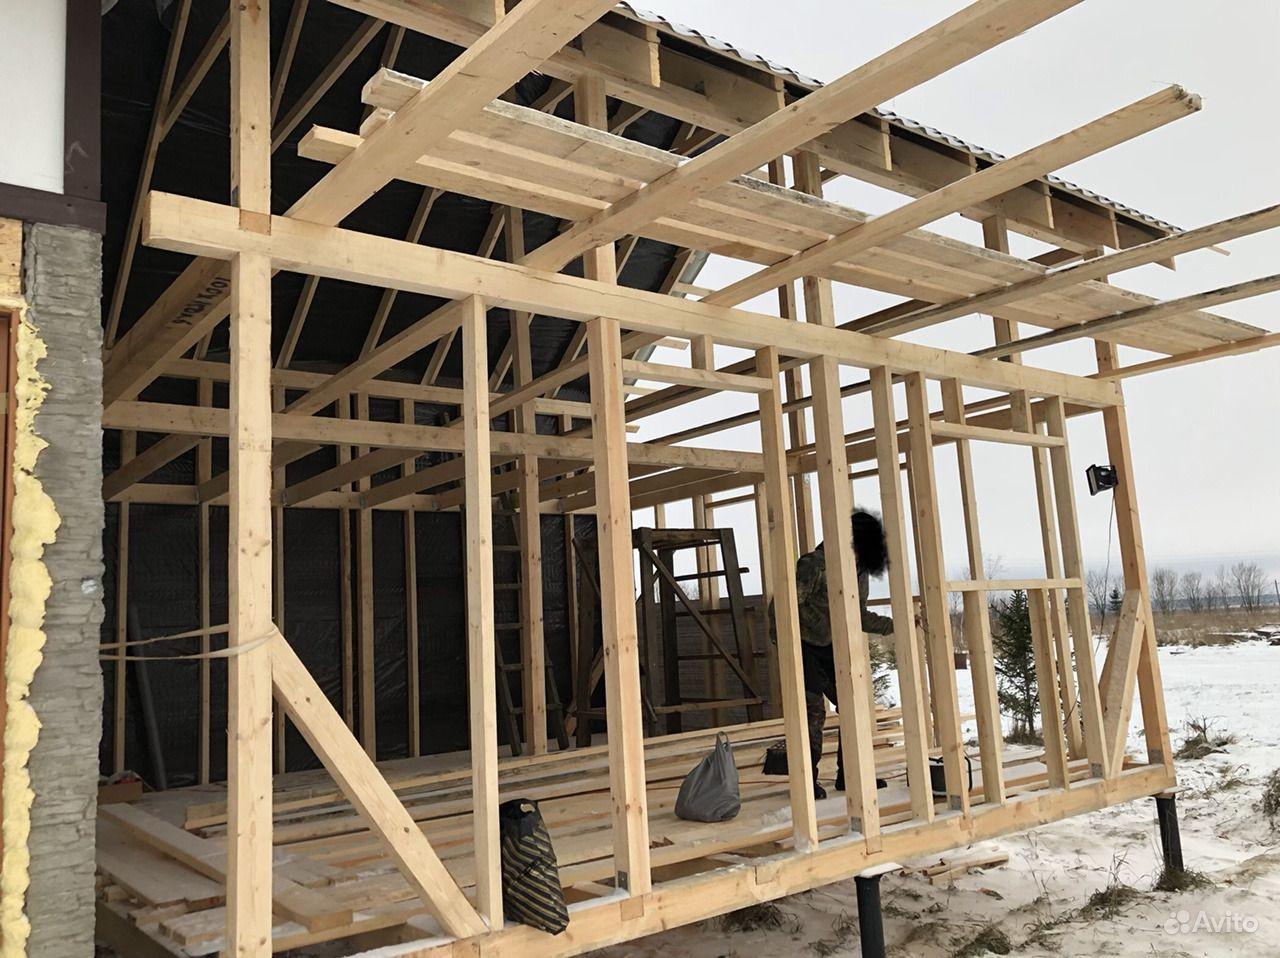 Строительство домов,бань,хоз.блоков,канализация, д купить на Вуёк.ру - фотография № 7